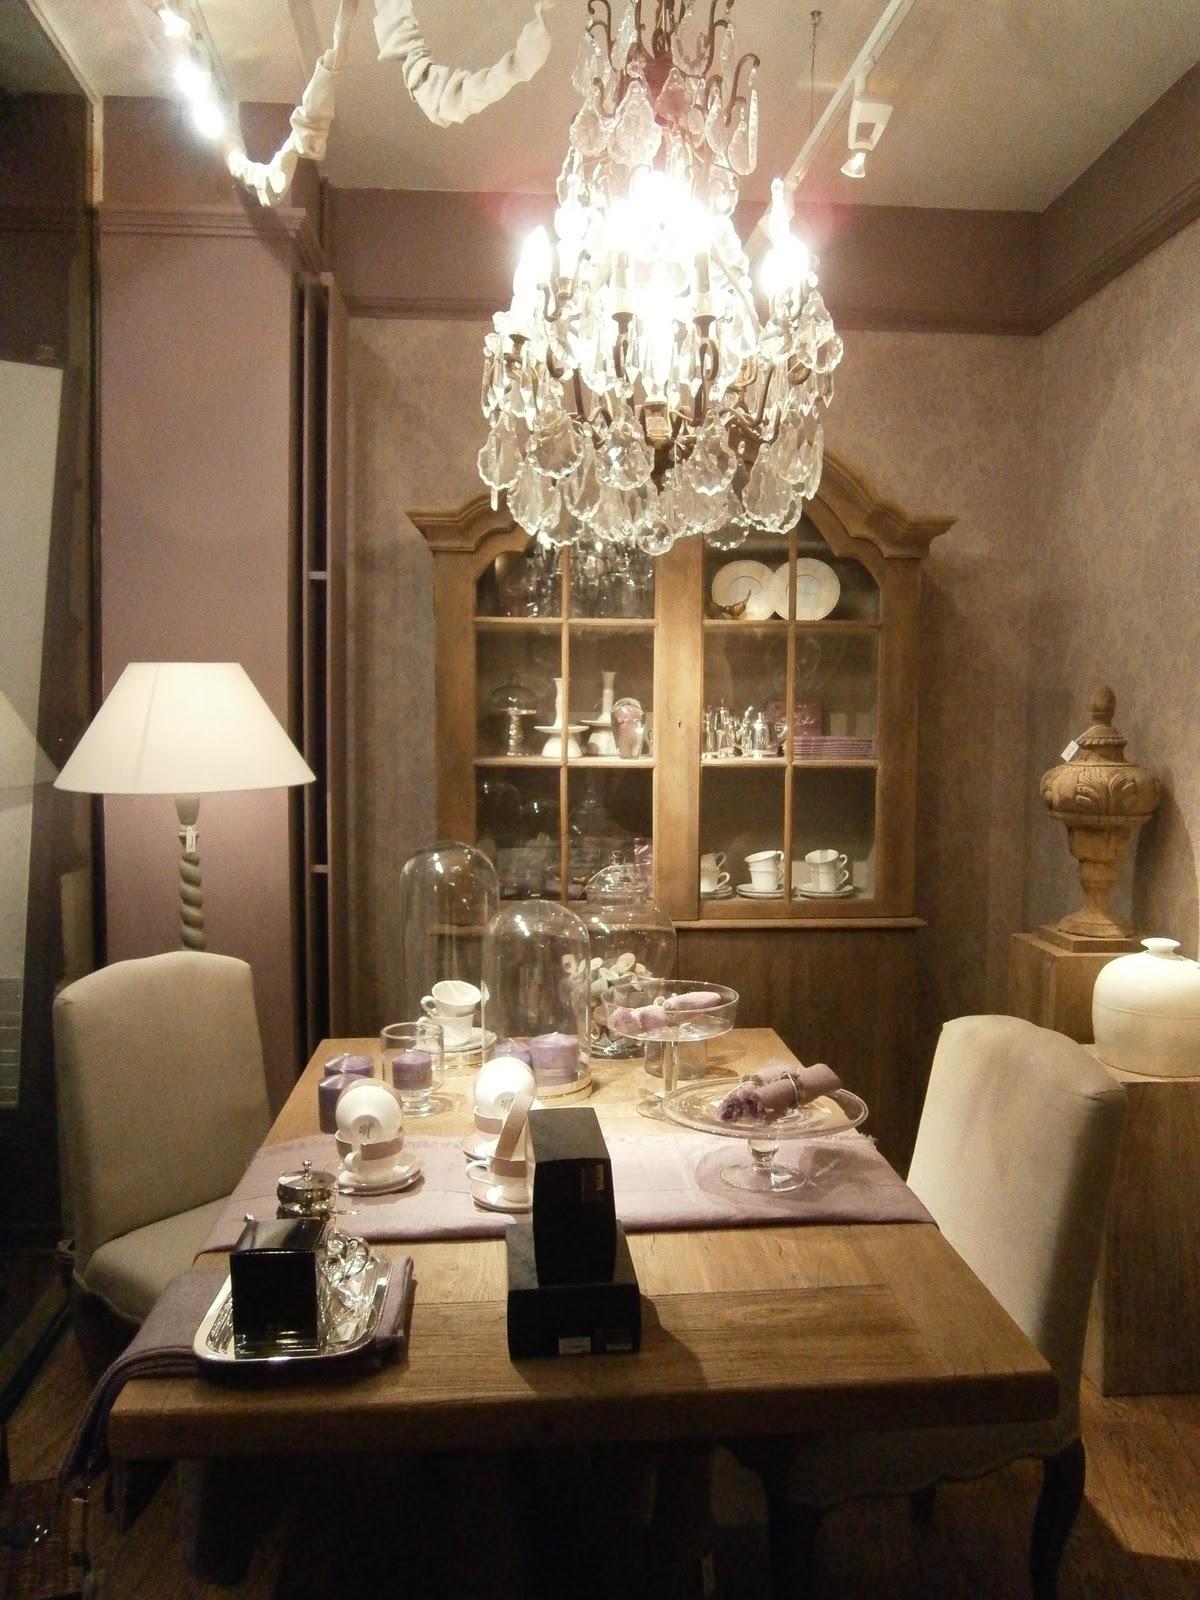 Les grigris de sophie dp home by flamant vient d 39 ouvrir for Flamant interieur